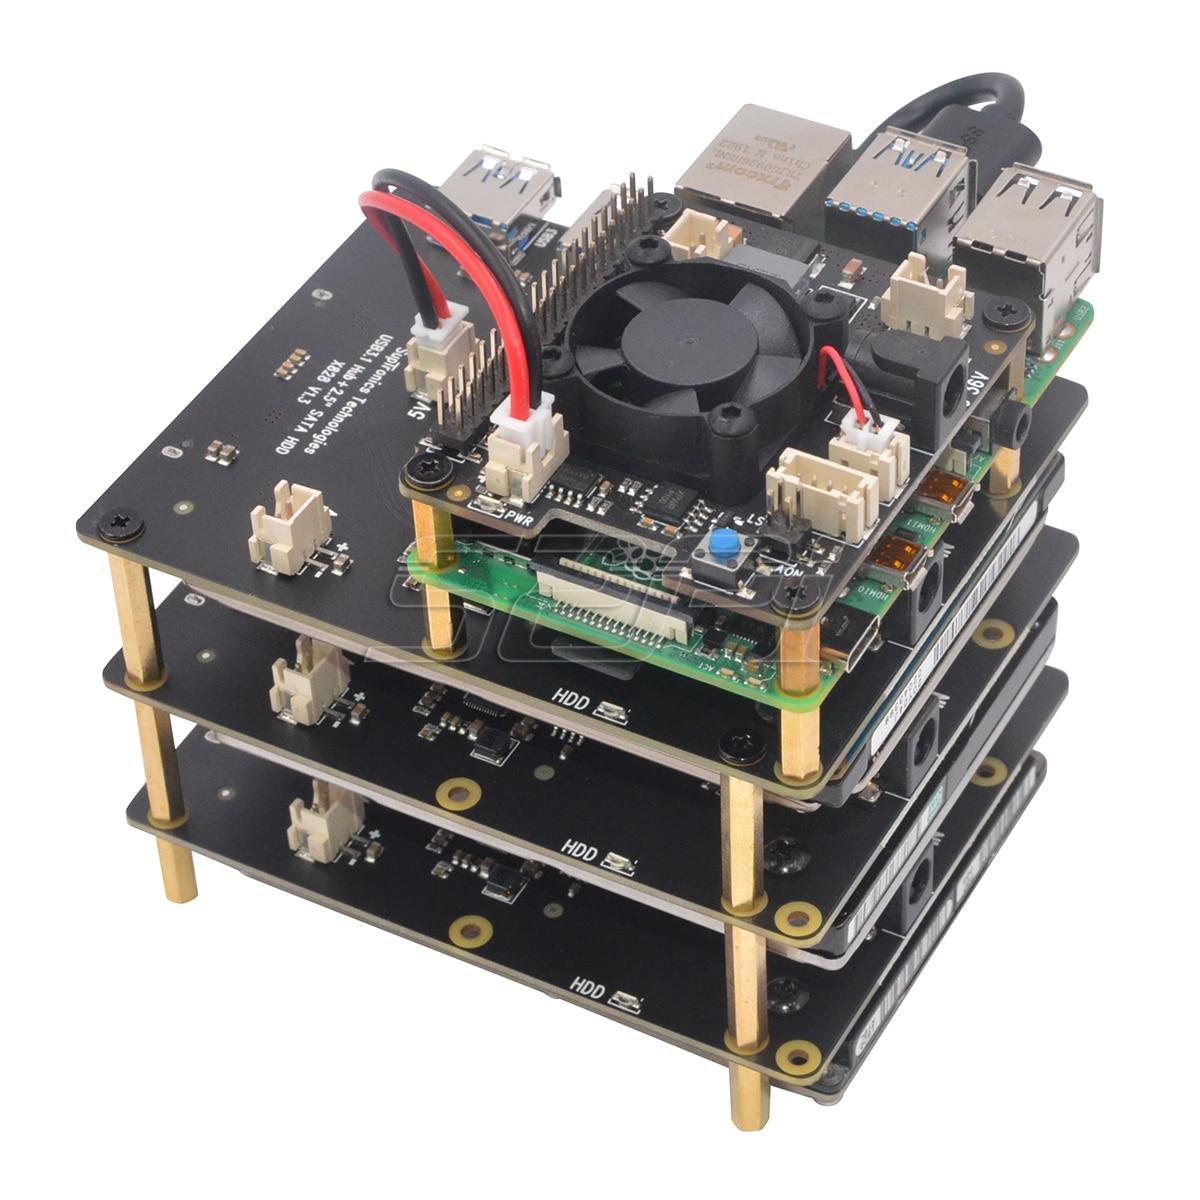 Купить плату расширения X828 для создания NAS на Raspberry Pi